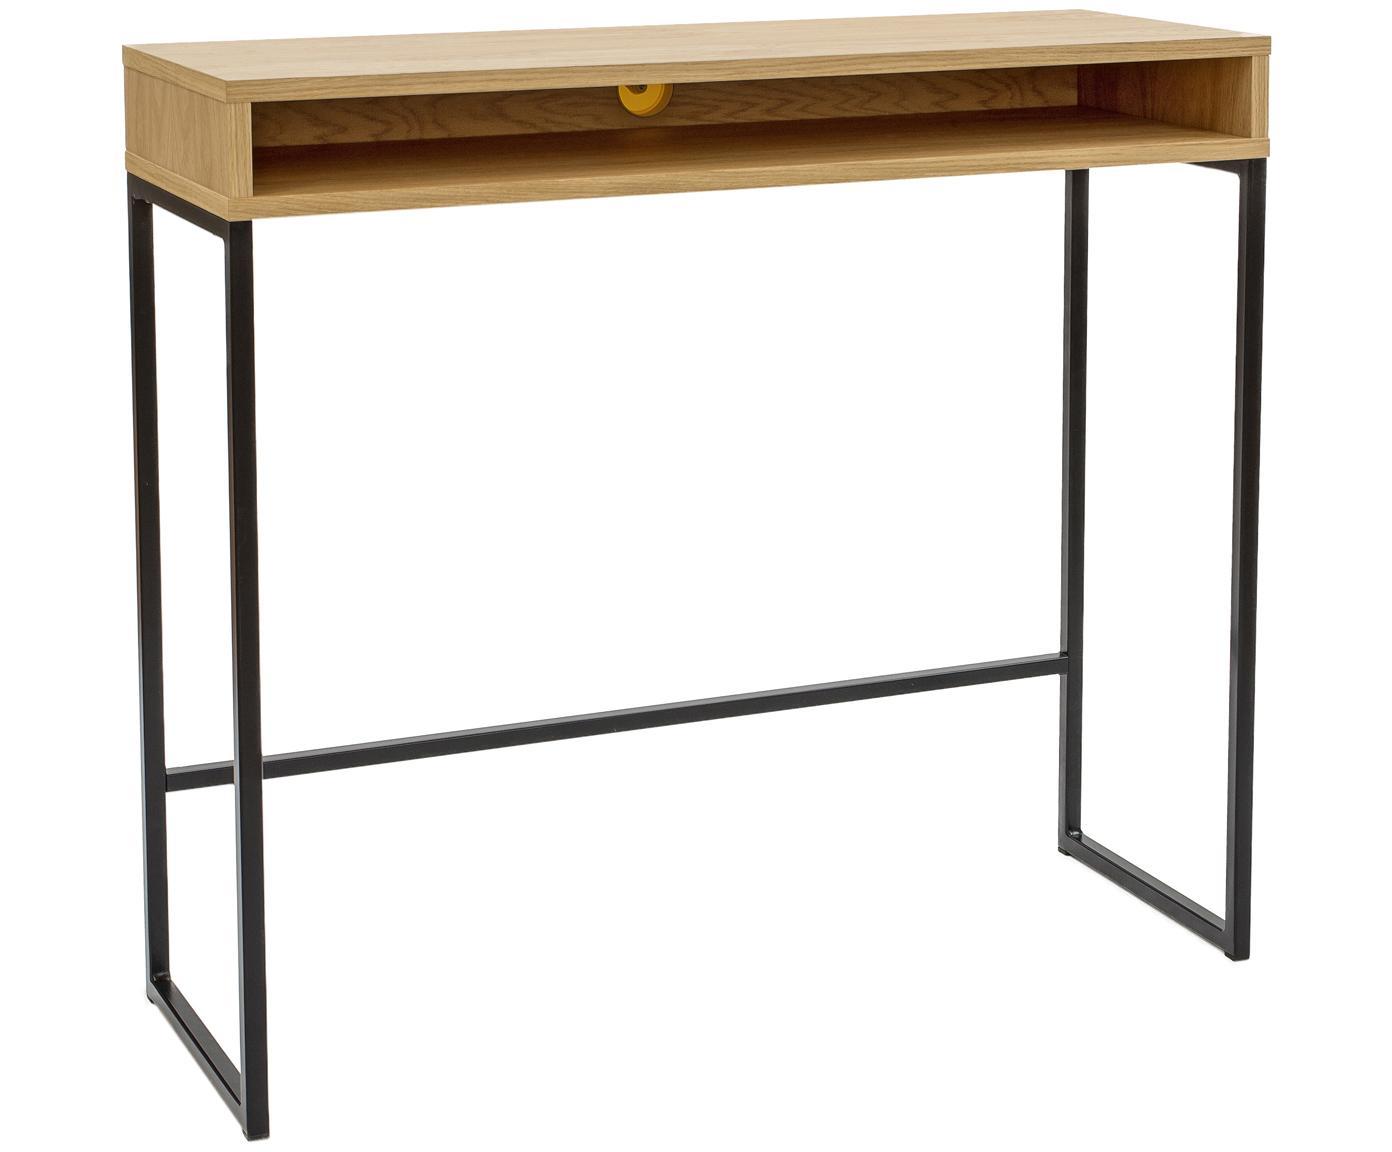 Smal staand bureau Frame, Tafelblad: MDF met eikenhoutfineer, Poten: gepoedercoat metaal, Eikenhoutkleurig, B 100 x D 35 cm